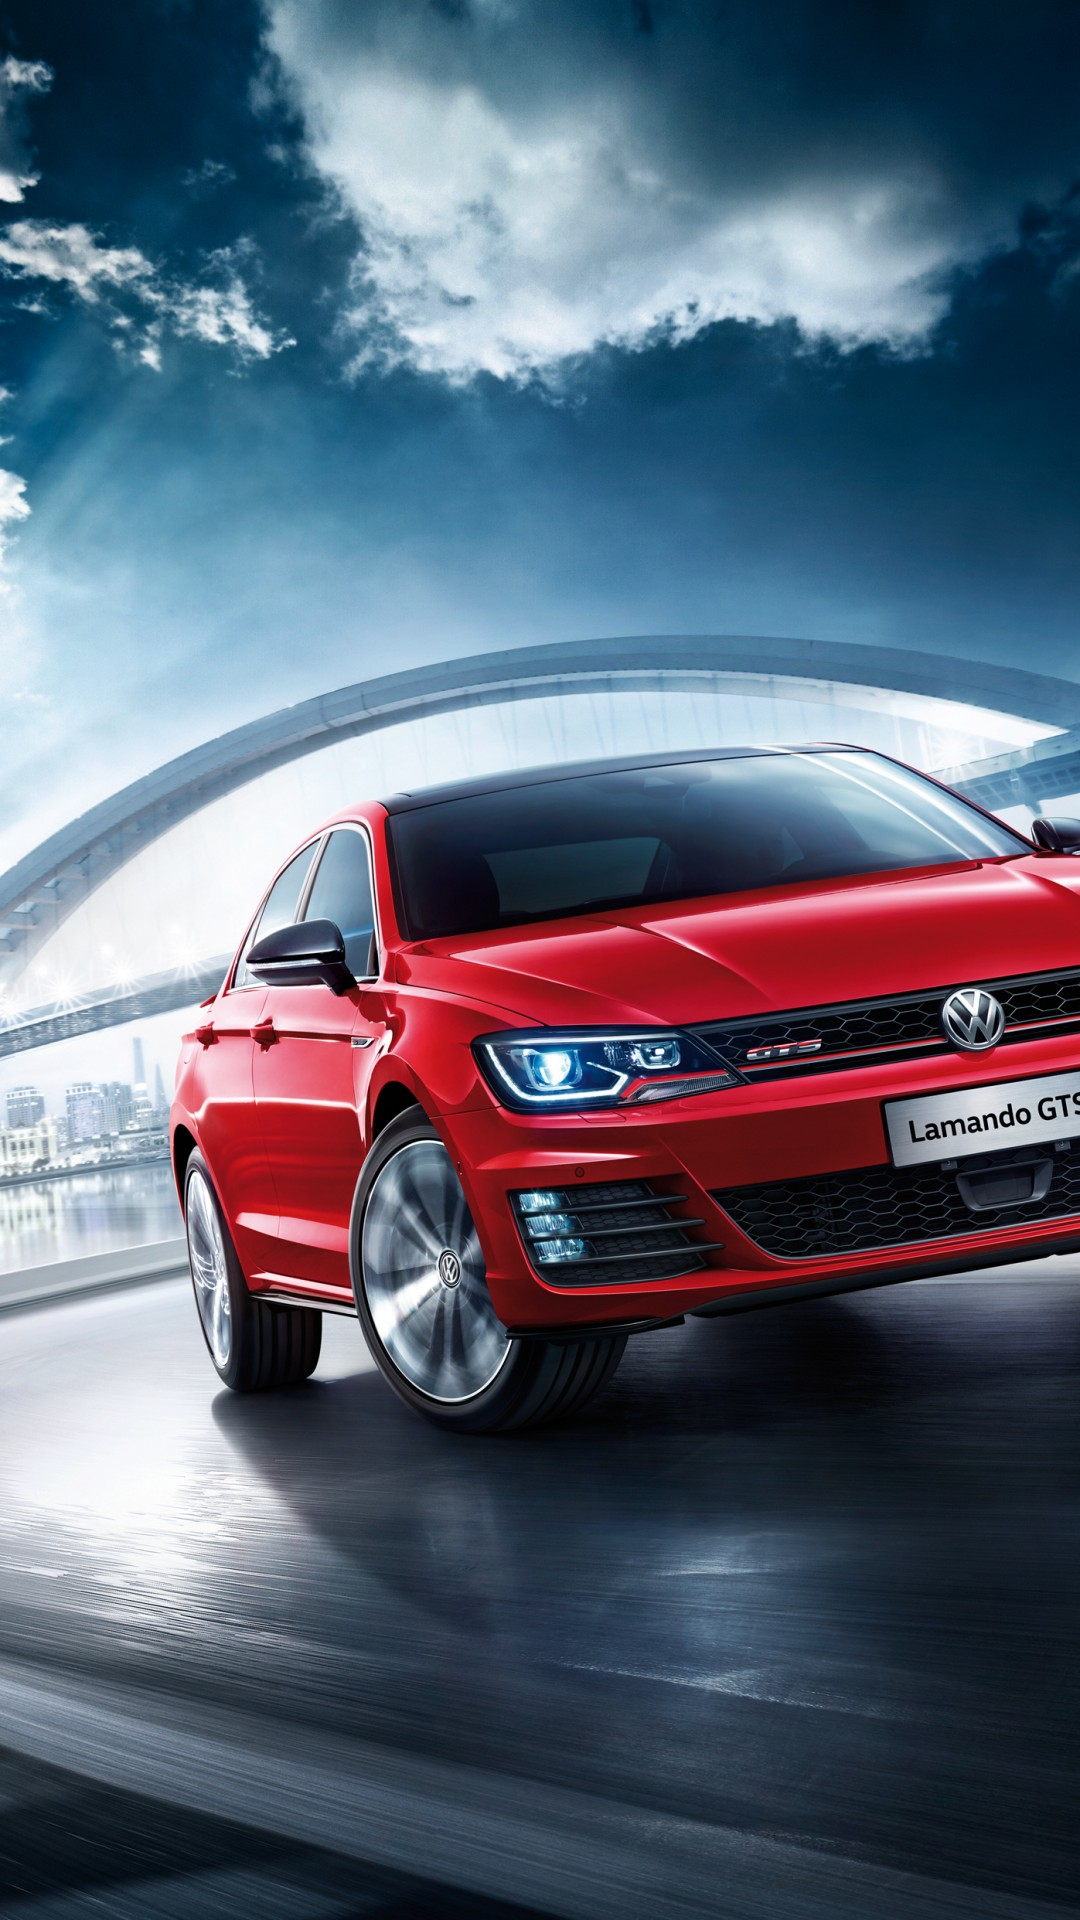 Wallpaper Volkswagen Lamando Gts Beijing Motor Show 2016